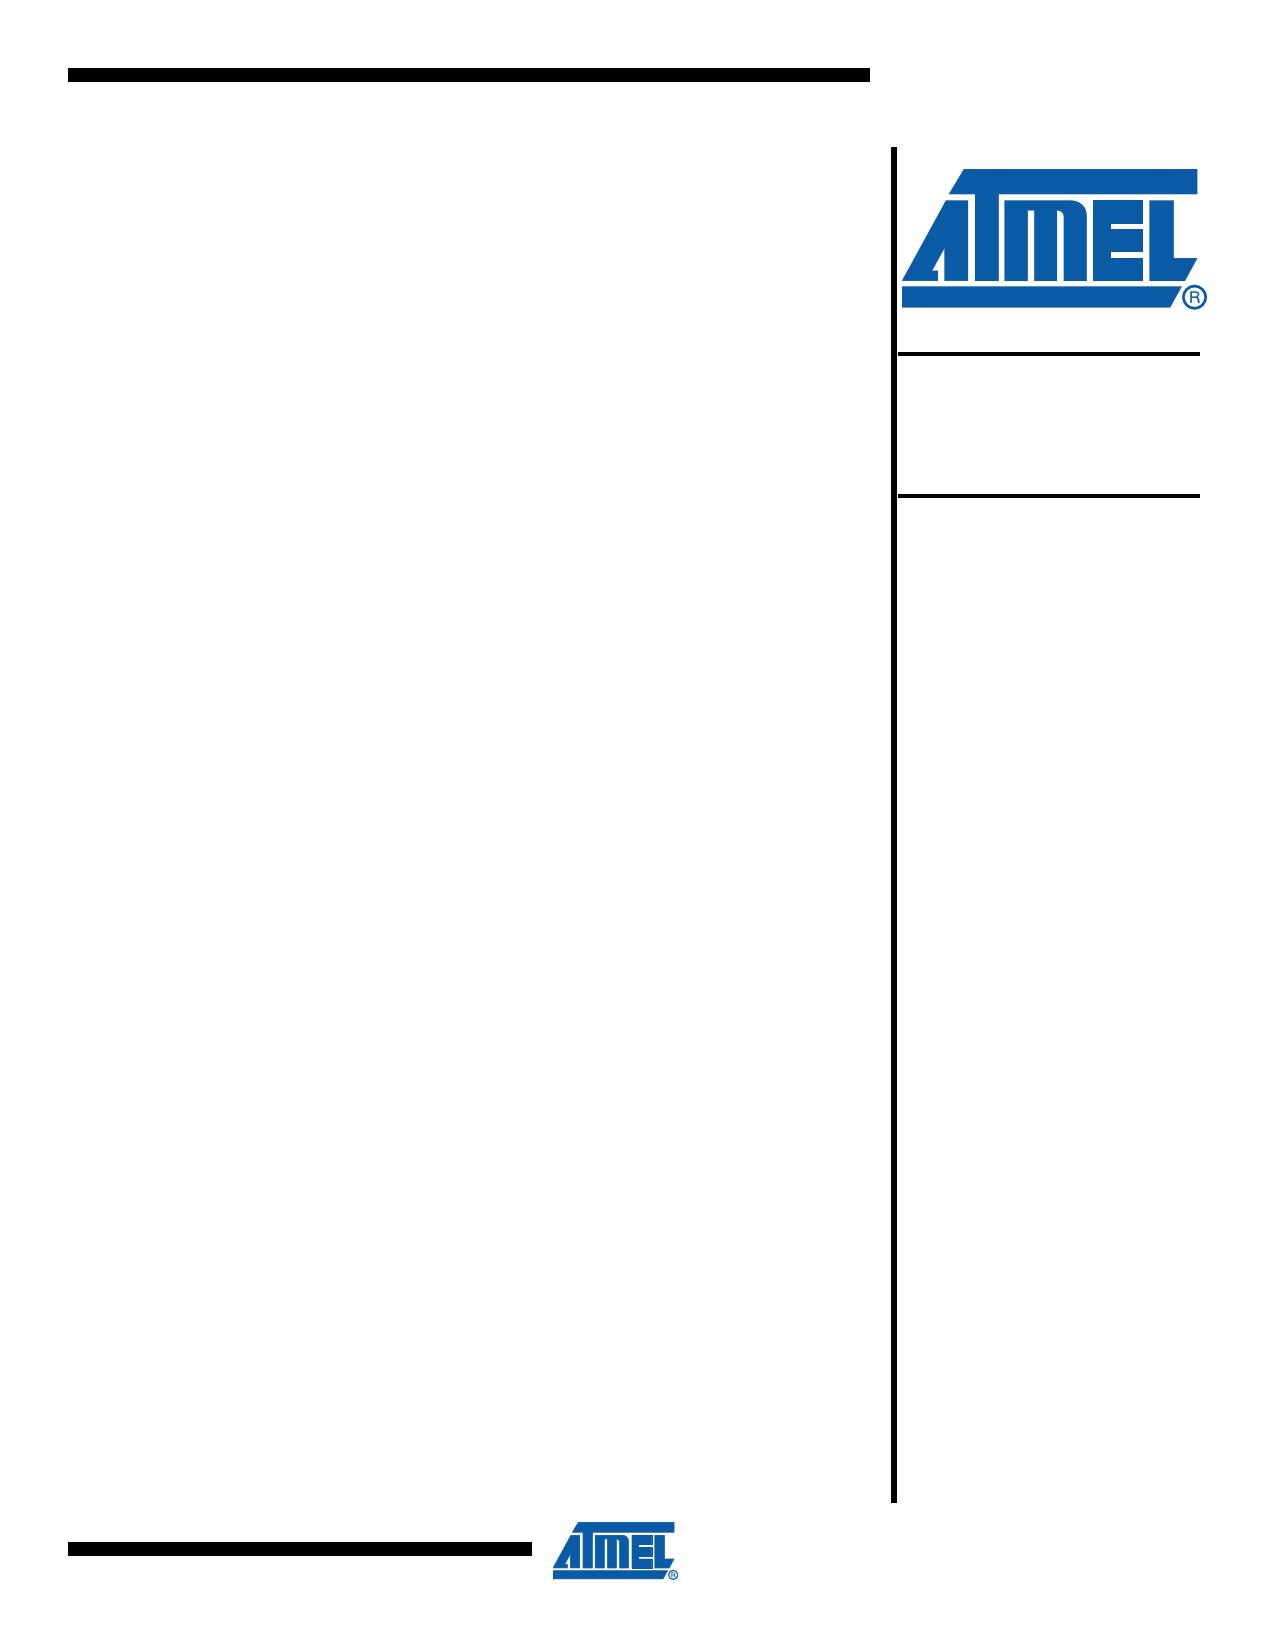 AT32UC3A4128S Datasheet, AT32UC3A4128S PDF,ピン配置, 機能